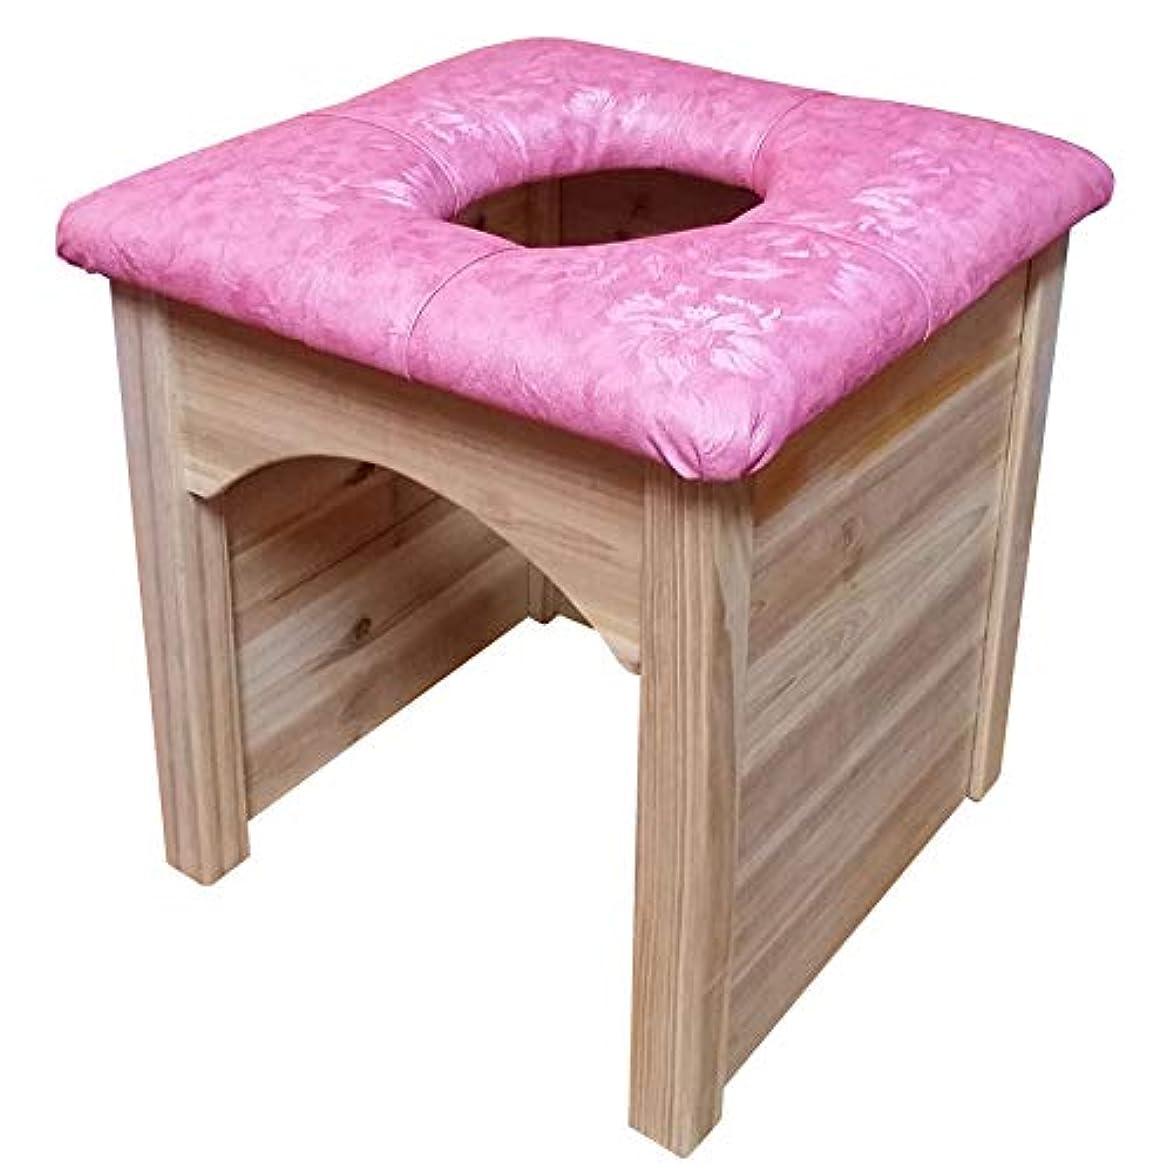 幽霊輸送眉をひそめるよもぎ蒸しサロンの悪くなった椅子を切り替えたい経営者の為の椅子だけ販売